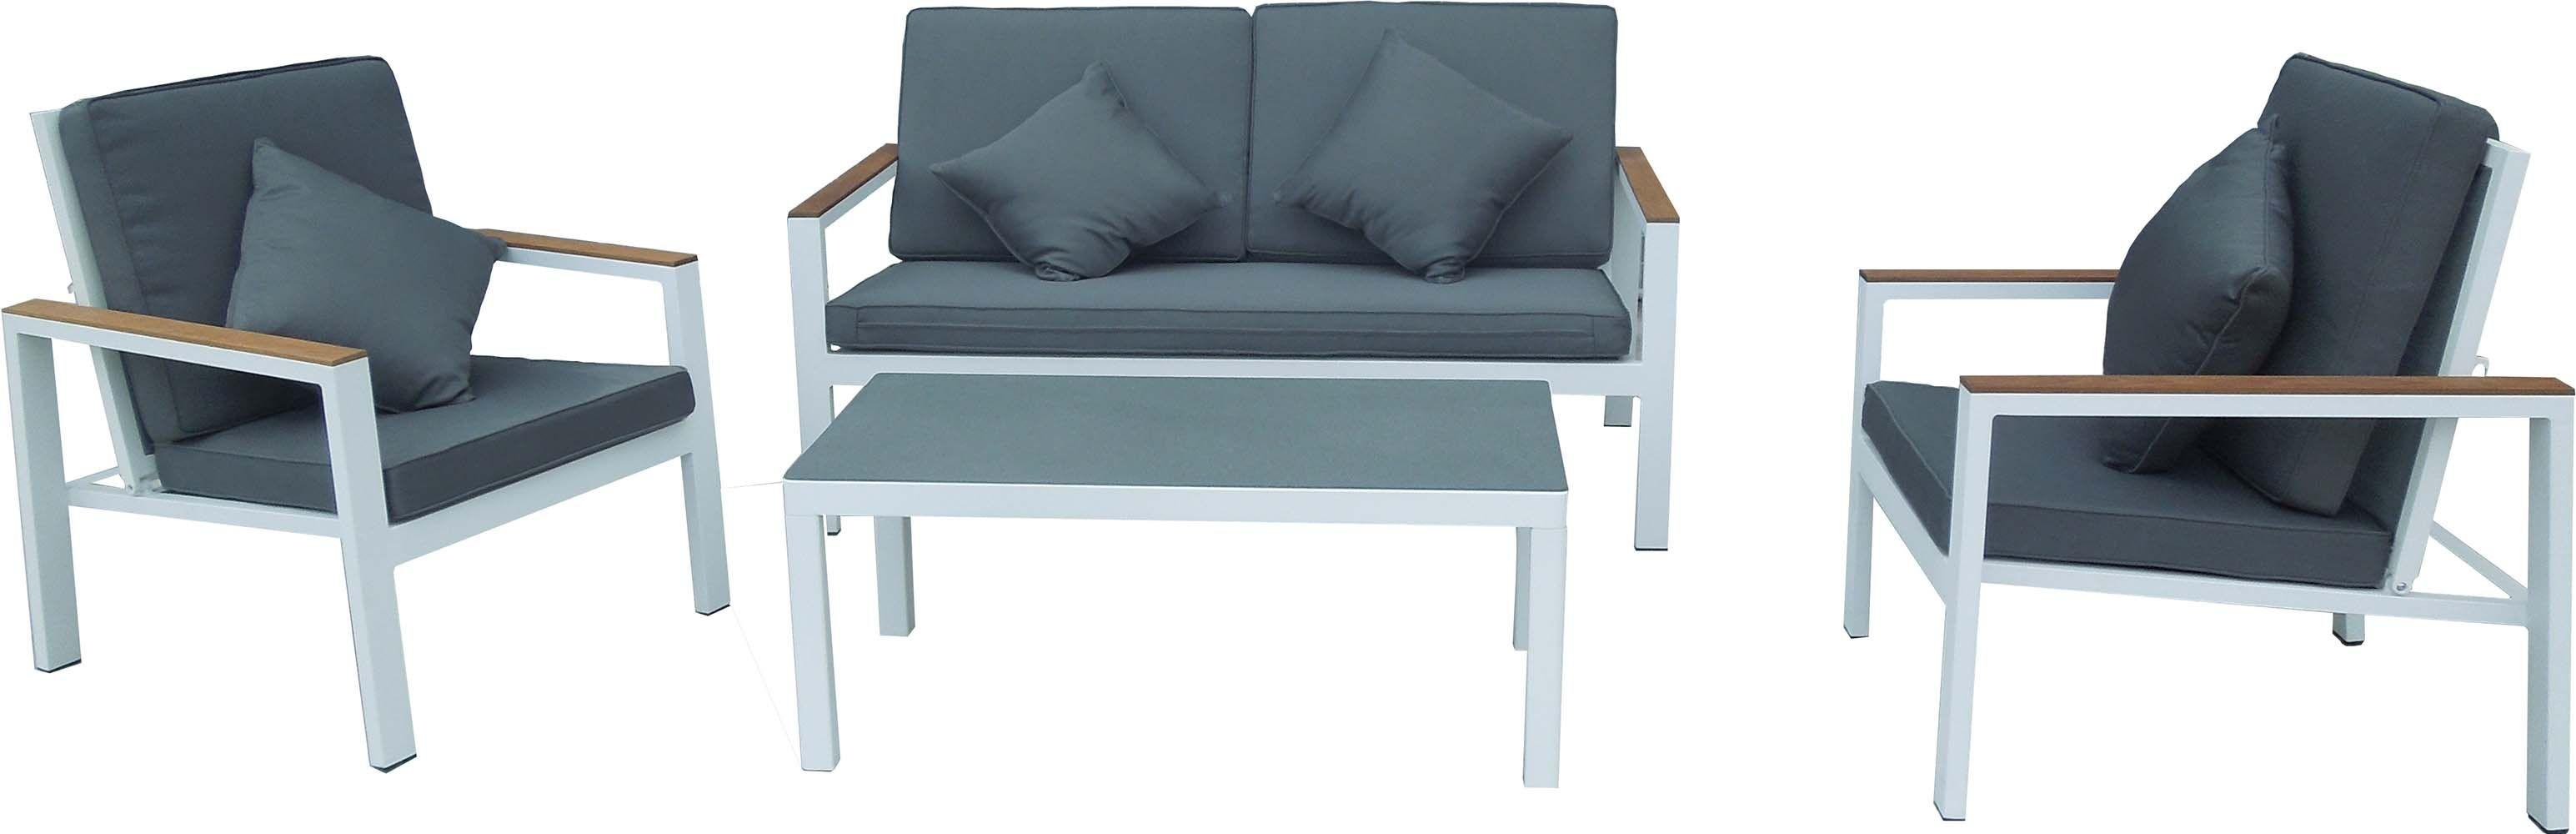 beautiful salon de jardin bas aluminium blanc photos. Black Bedroom Furniture Sets. Home Design Ideas